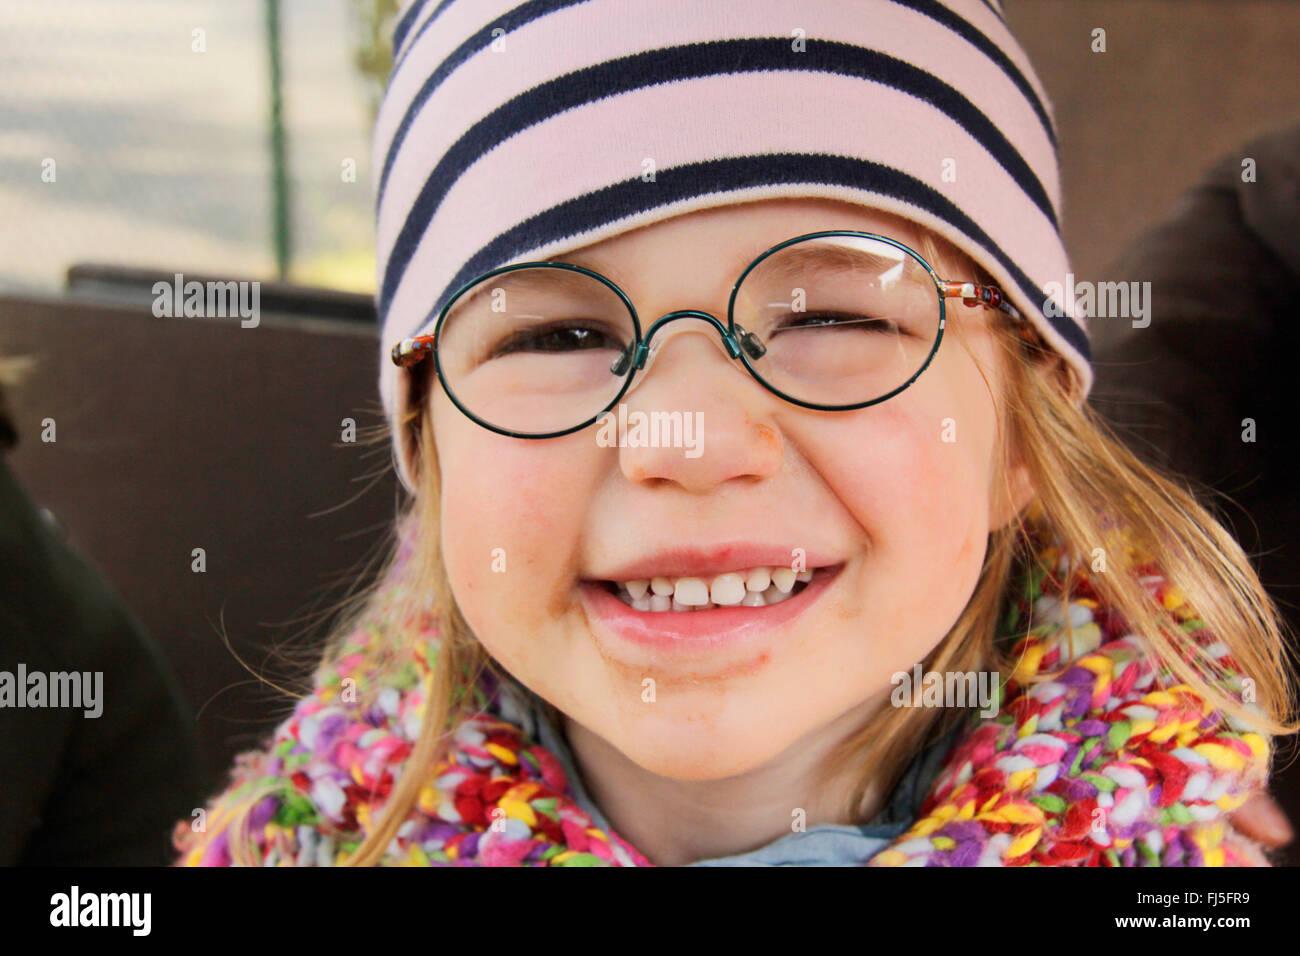 Sorridente bambina con gli occhiali, il ritratto di un bambino Immagini Stock